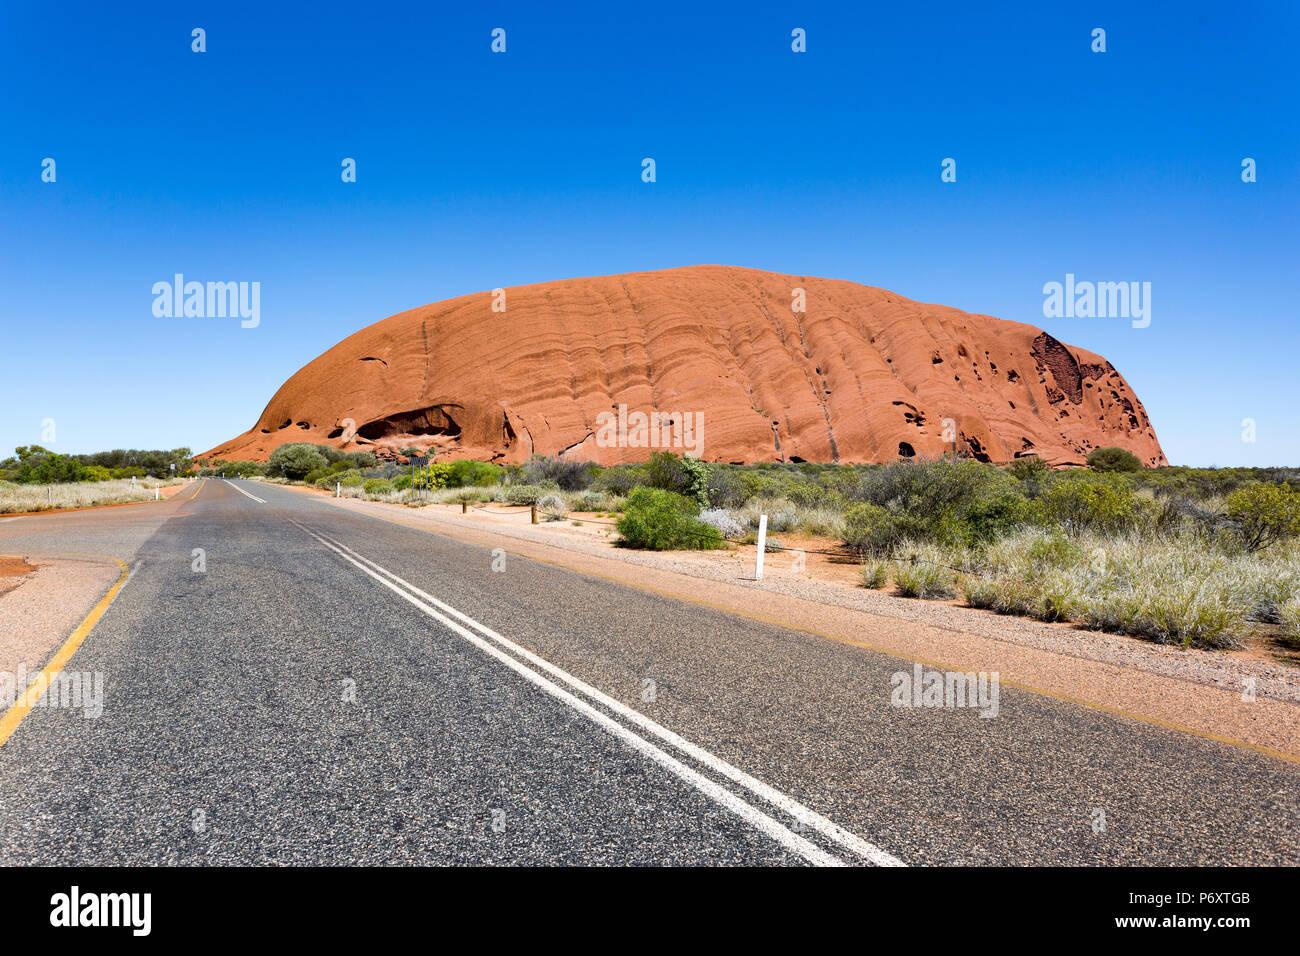 Strada di Uluru, Territorio del Nord, l'Australia. Immagini Stock